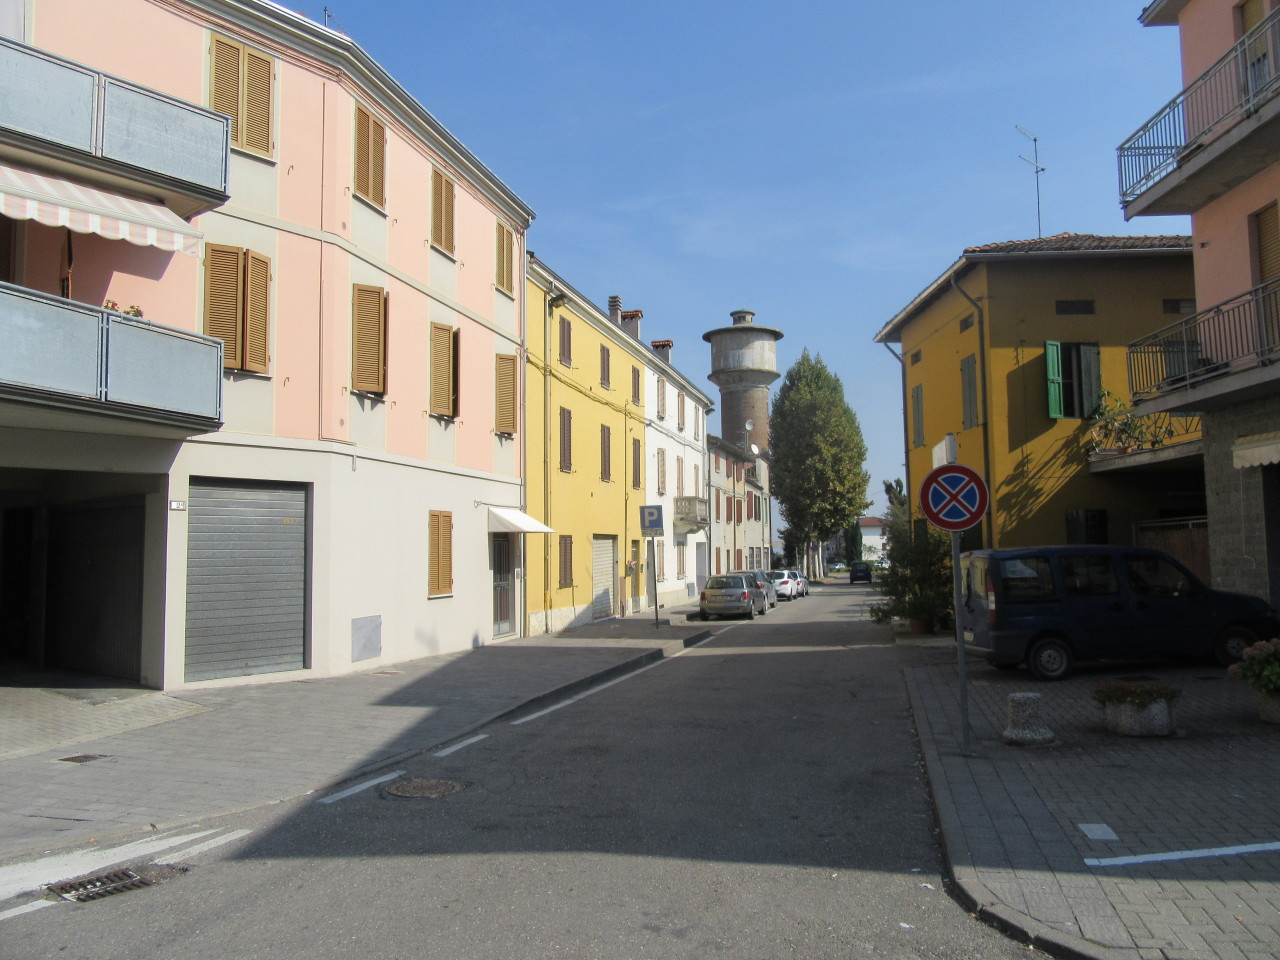 Appartamento in vendita a Medesano, 3 locali, prezzo € 81.500 | Cambio Casa.it